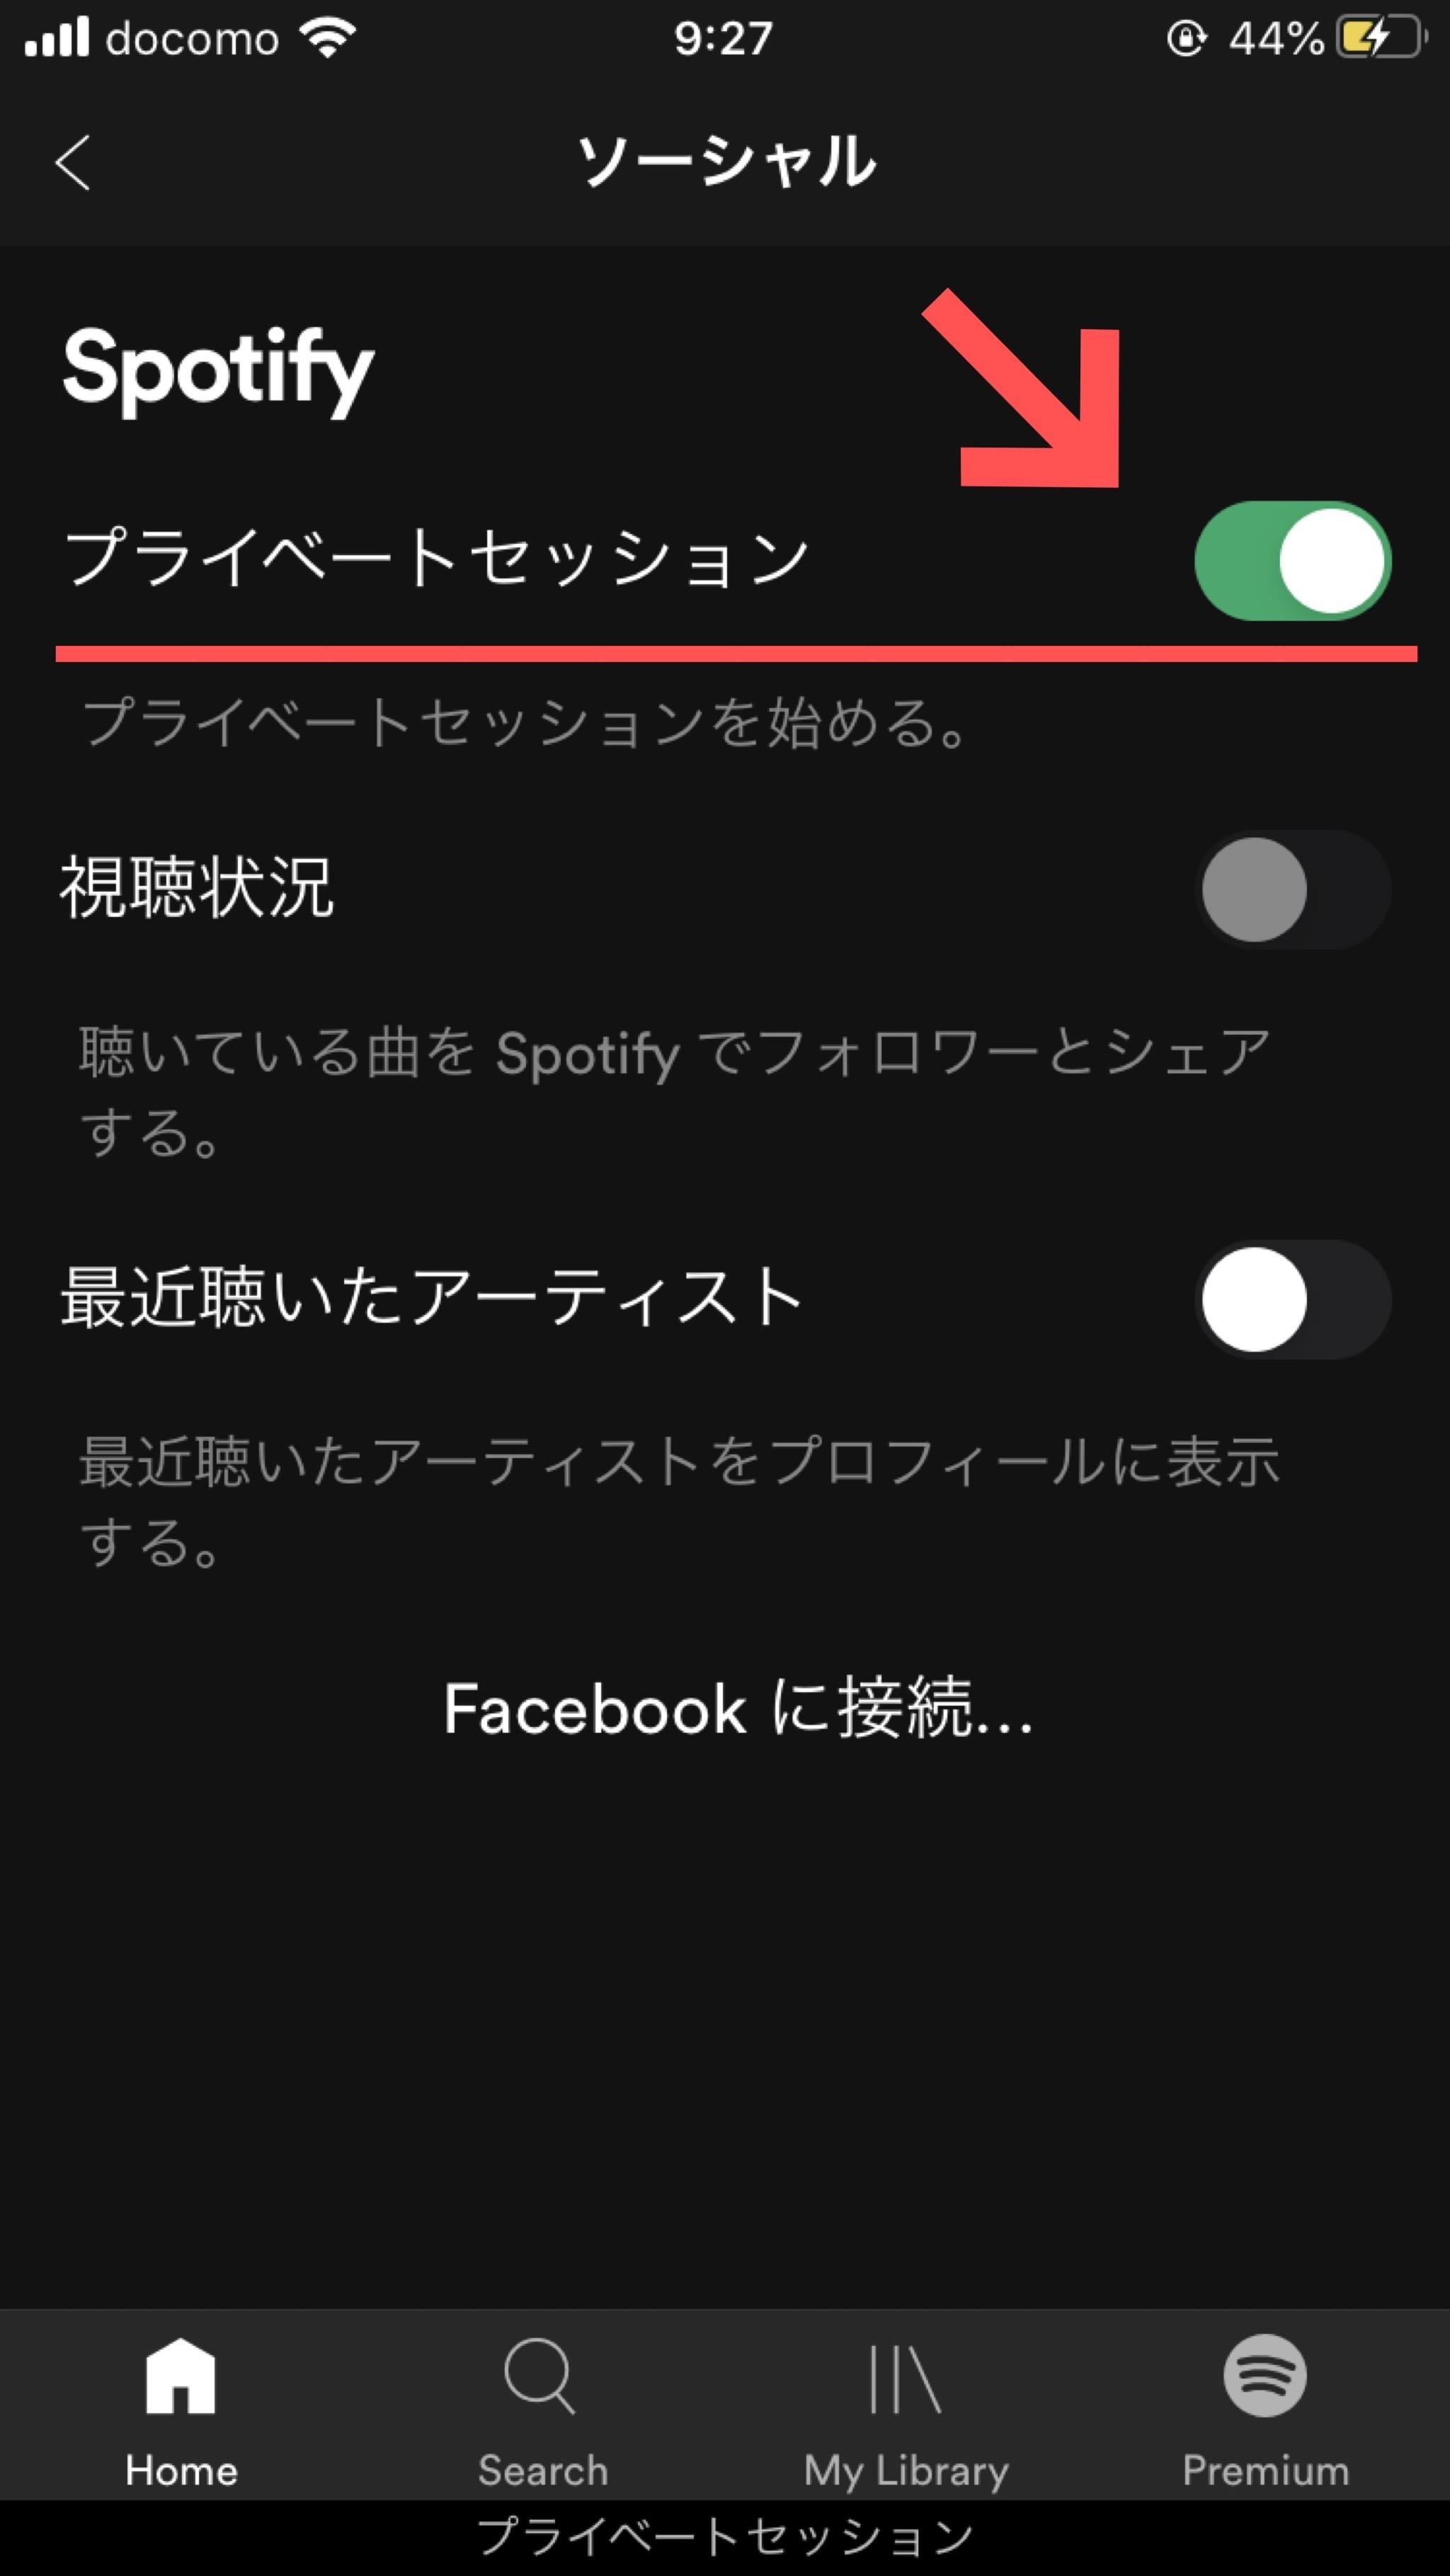 Spotifyの画面